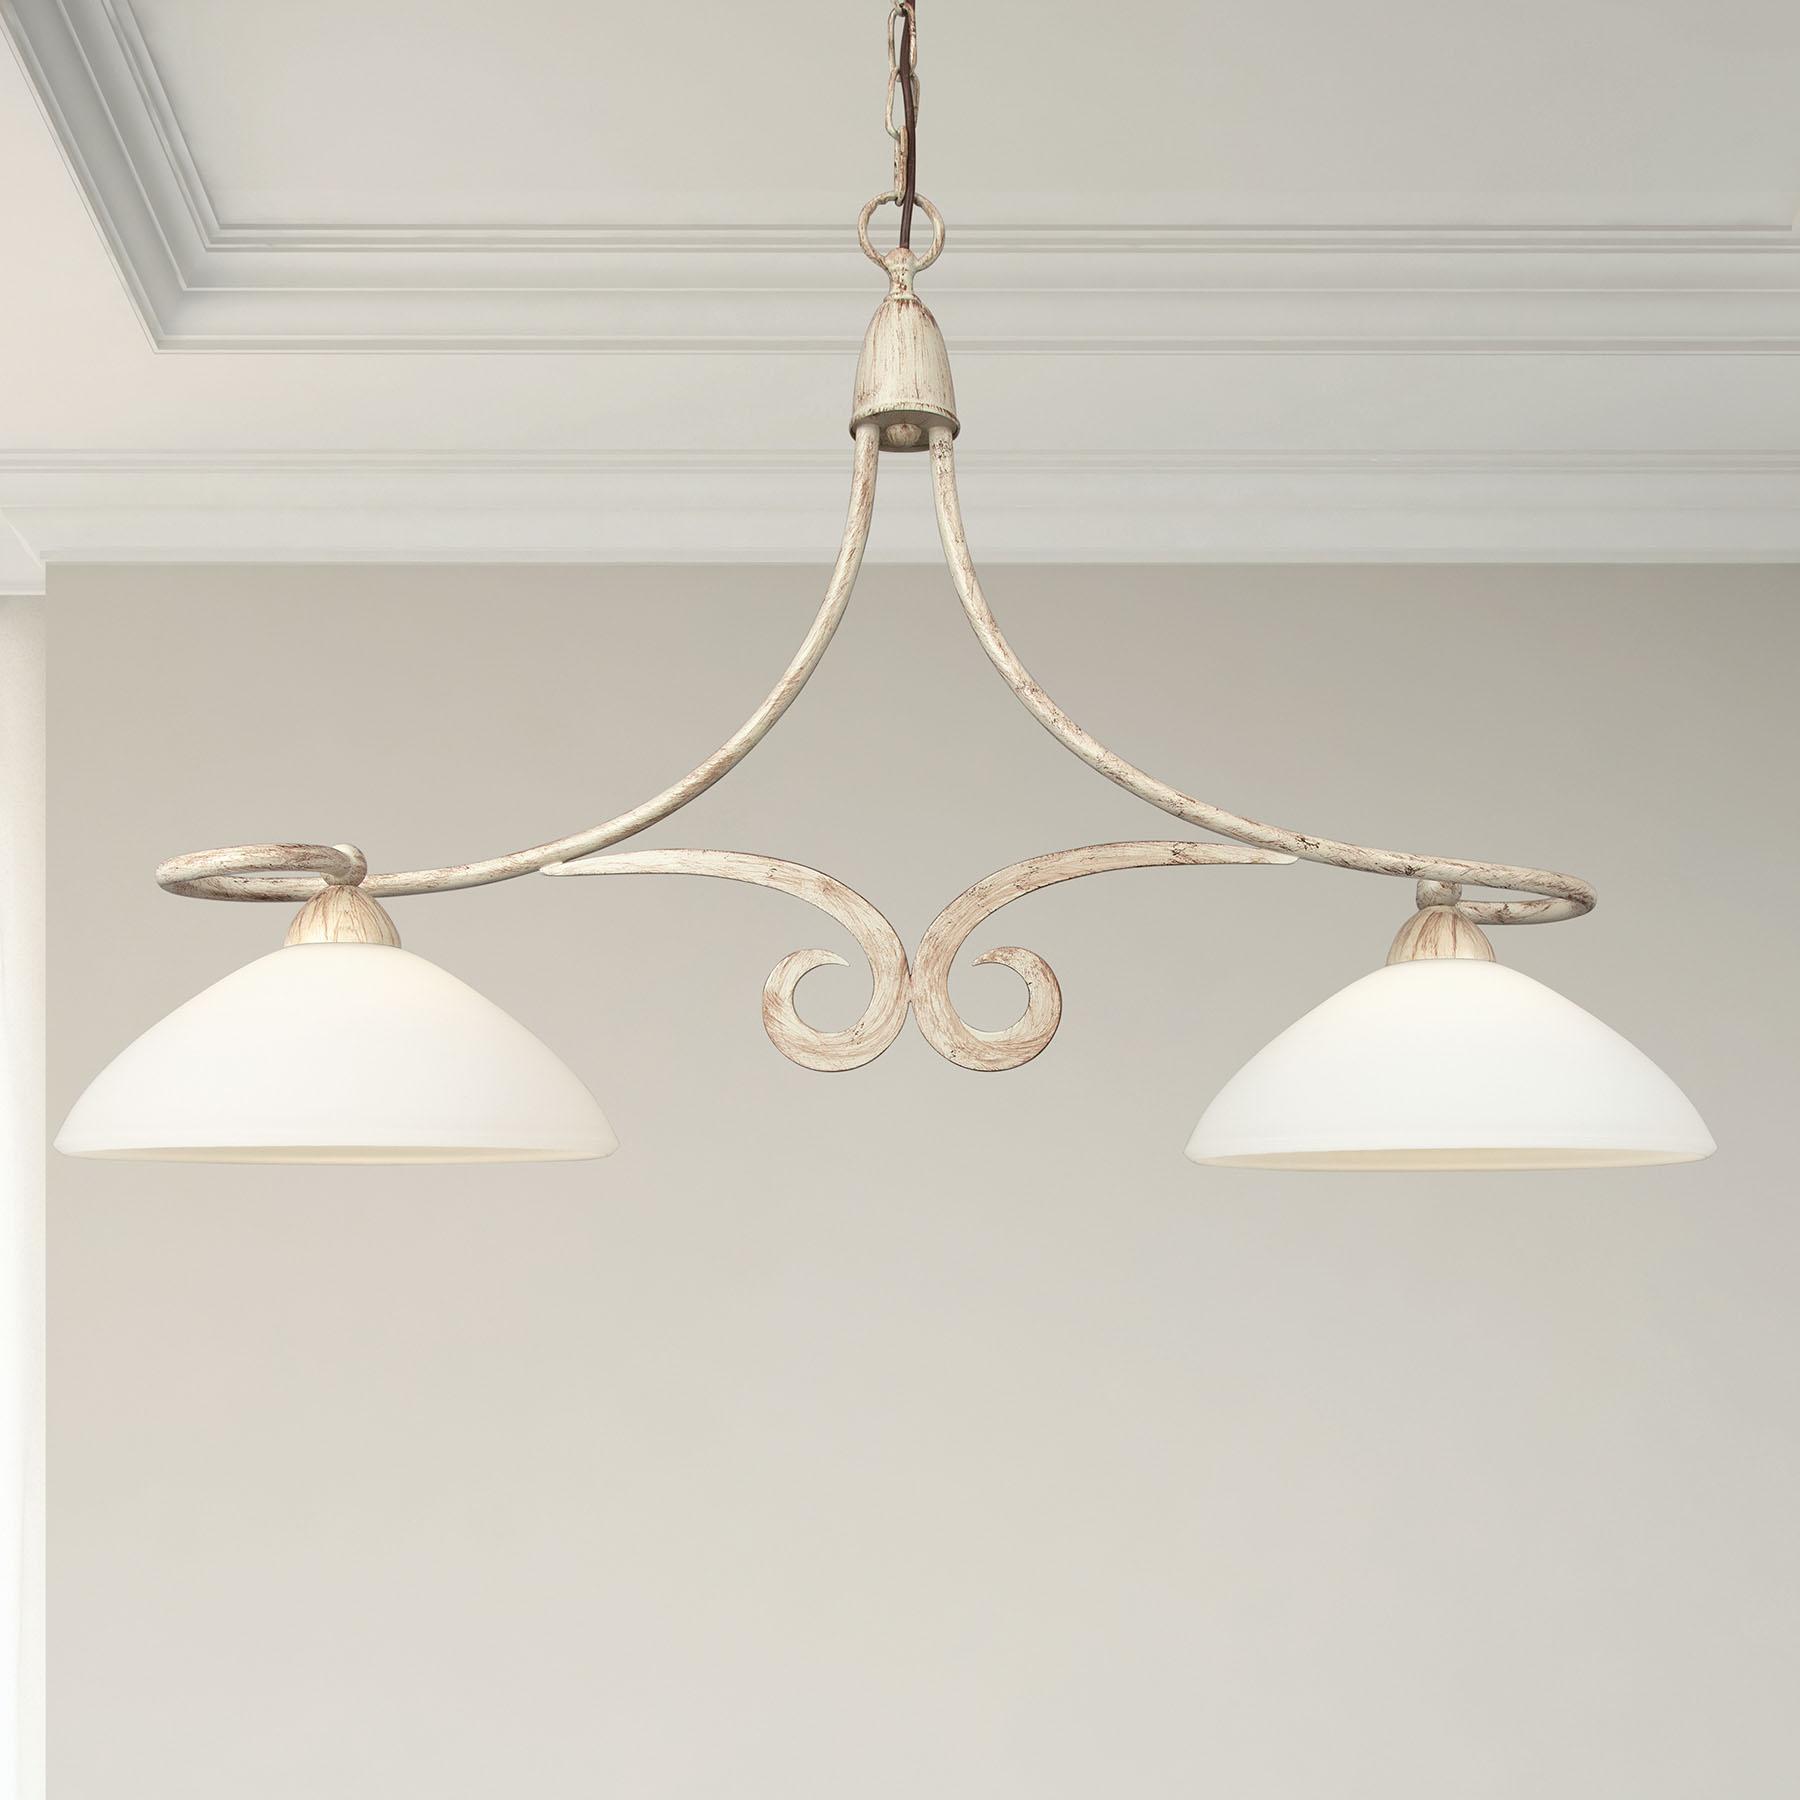 Suspension 1730/2B à 2 lampes, ivoire